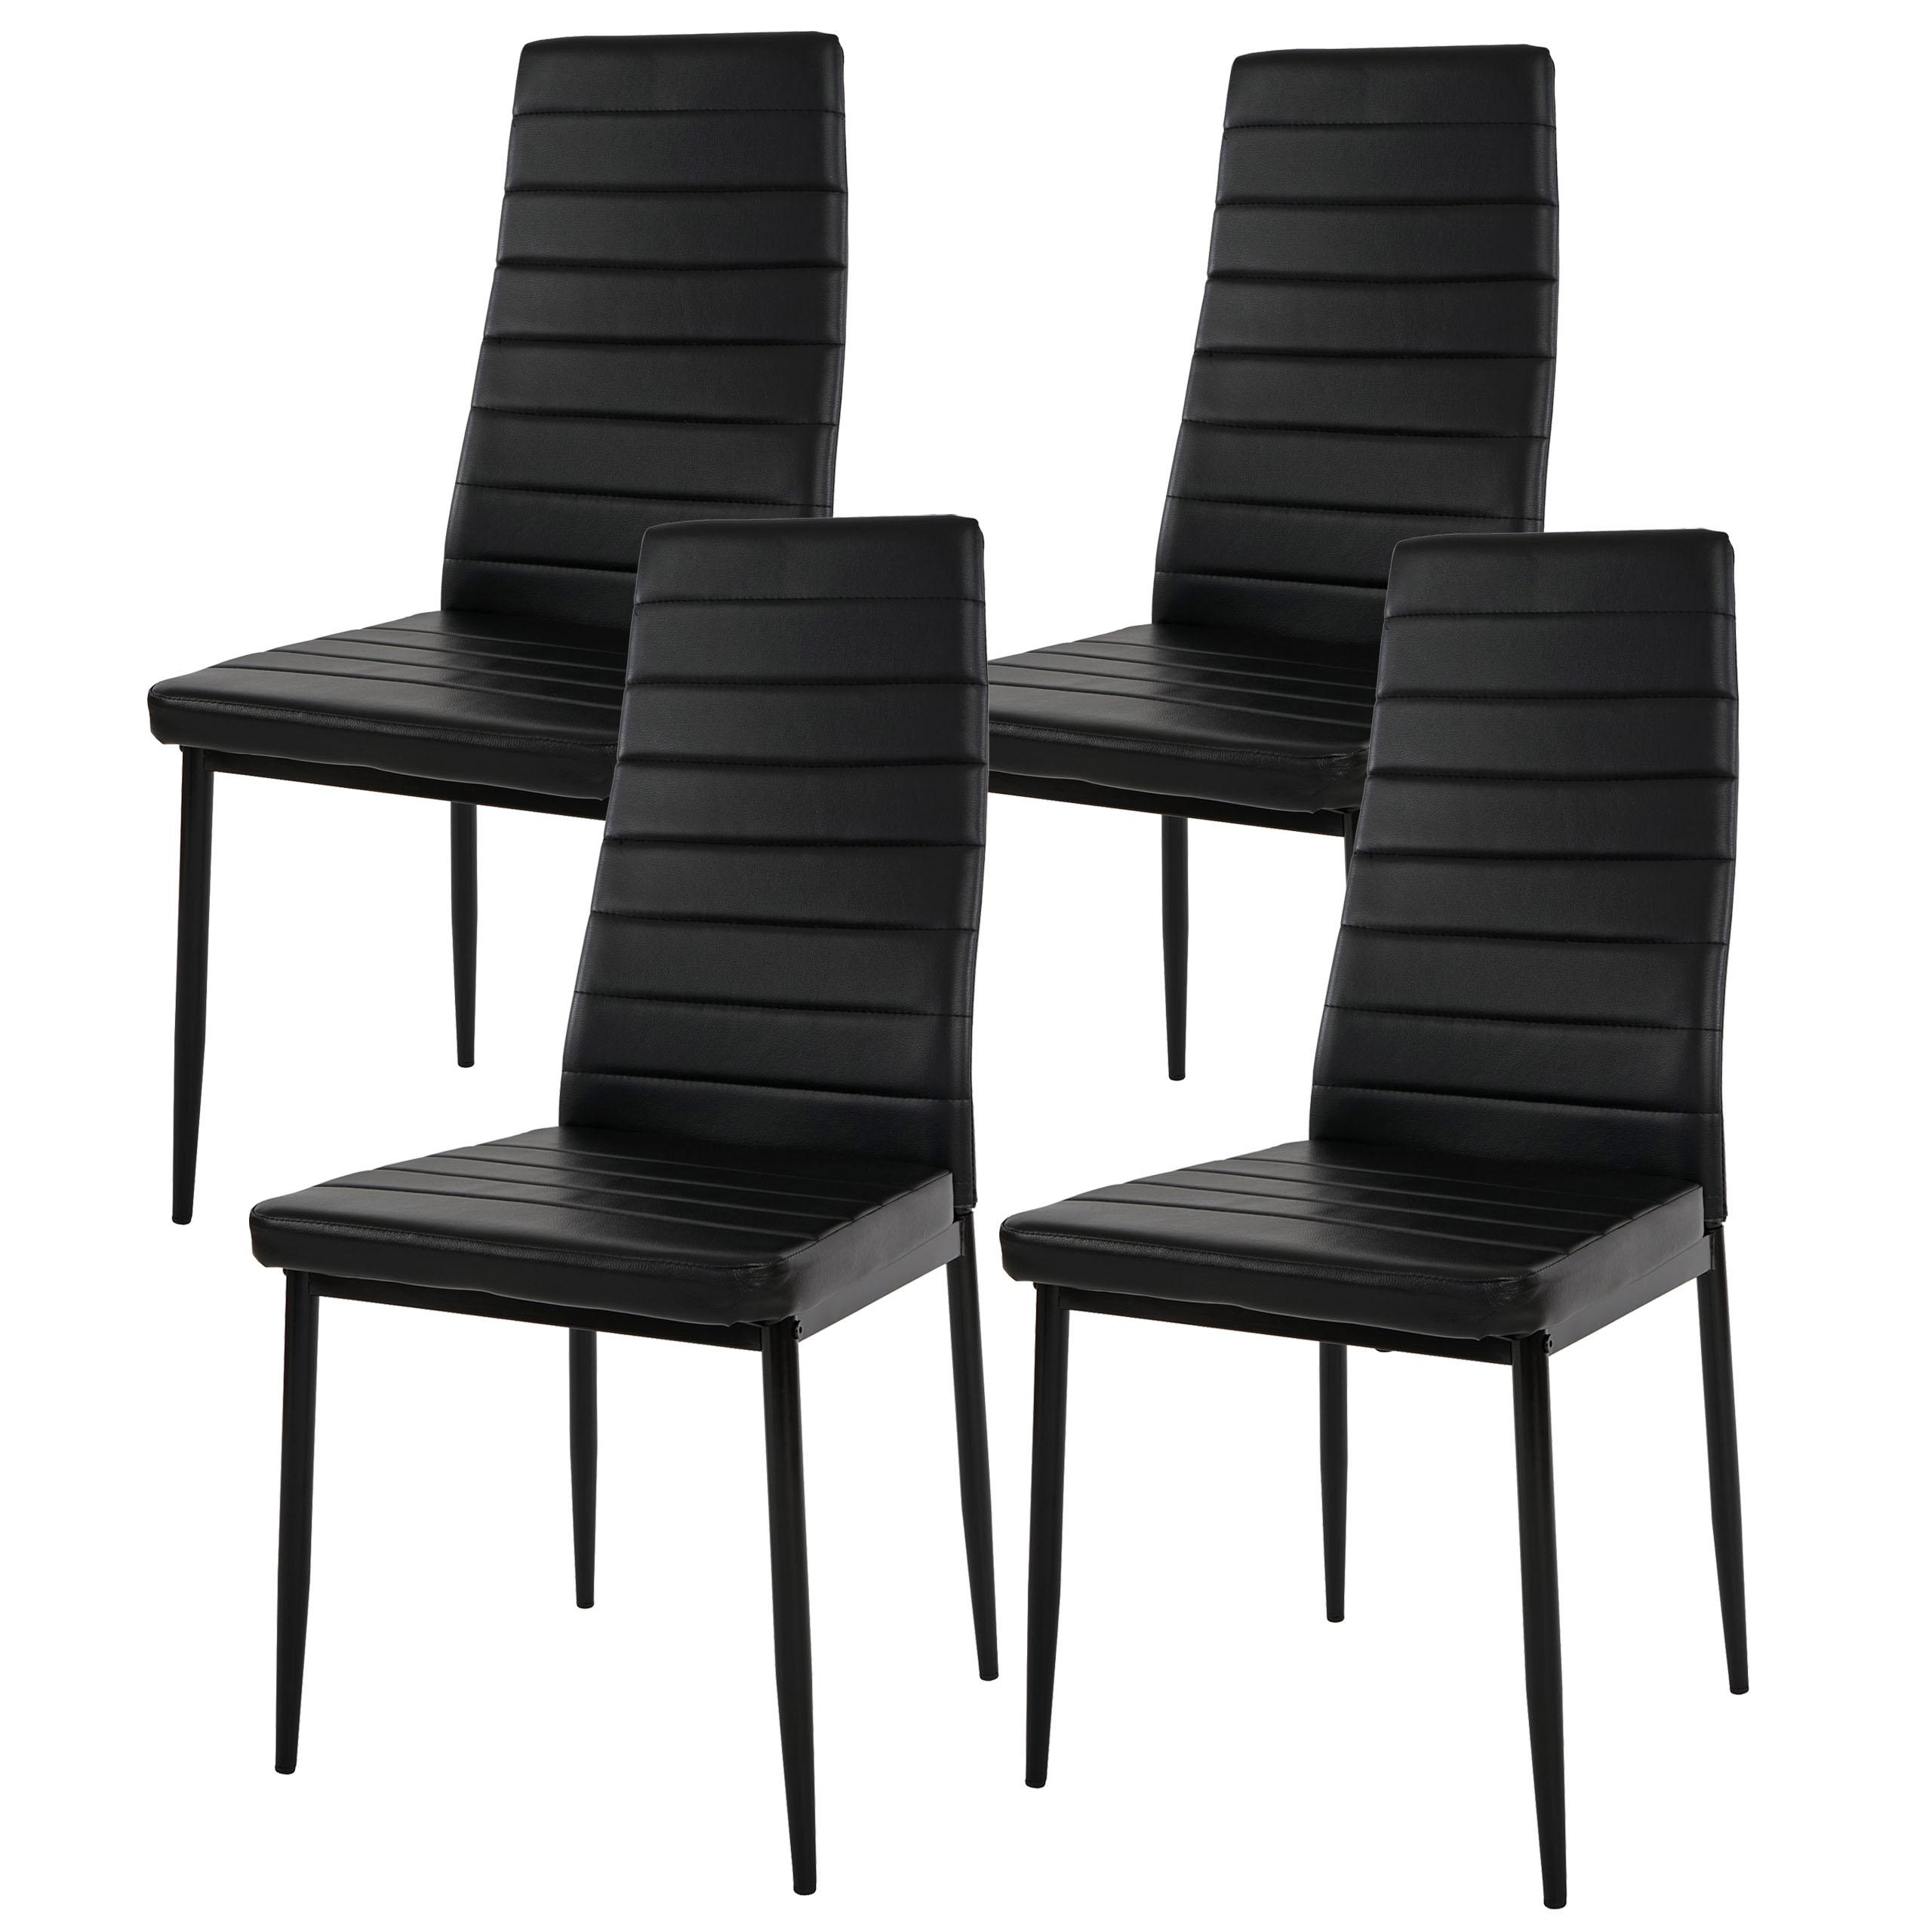 lote 4 sillas de comedor o cocina kiros gran acolchado On sillas de cocina tapizadas